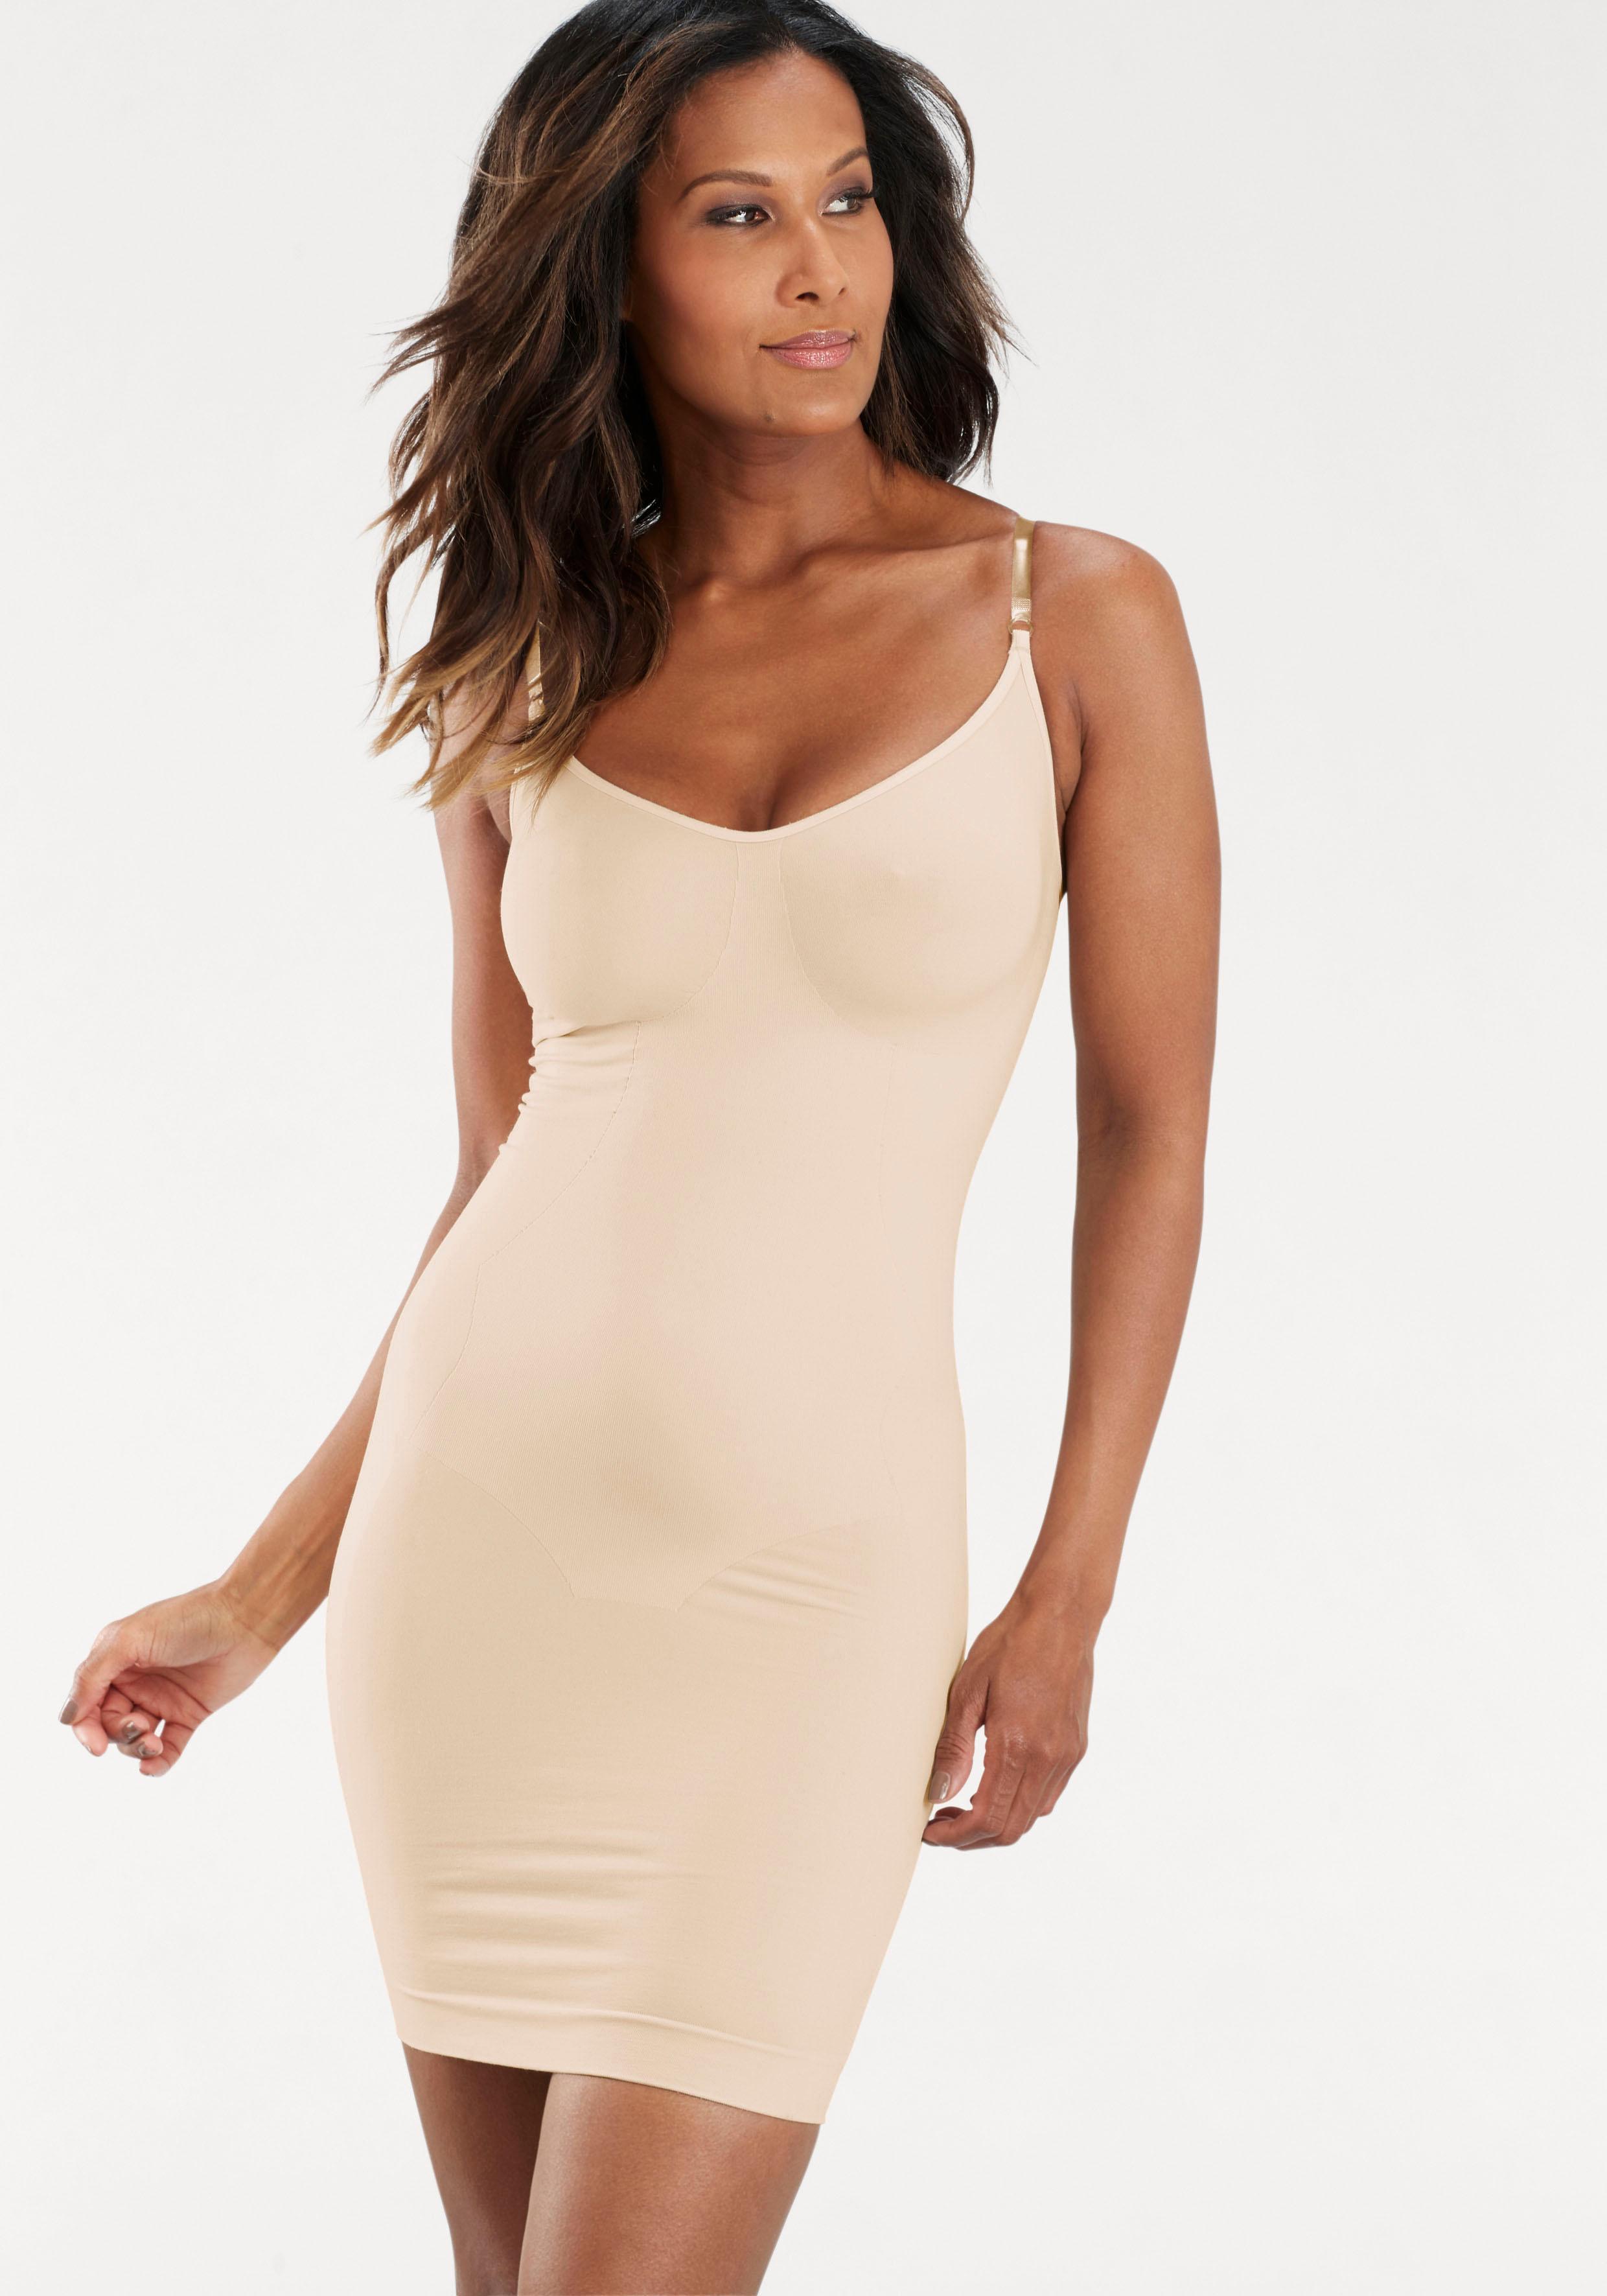 LASCANA Shaping-Kleid/ Unterkleid mit transparenten Trägern